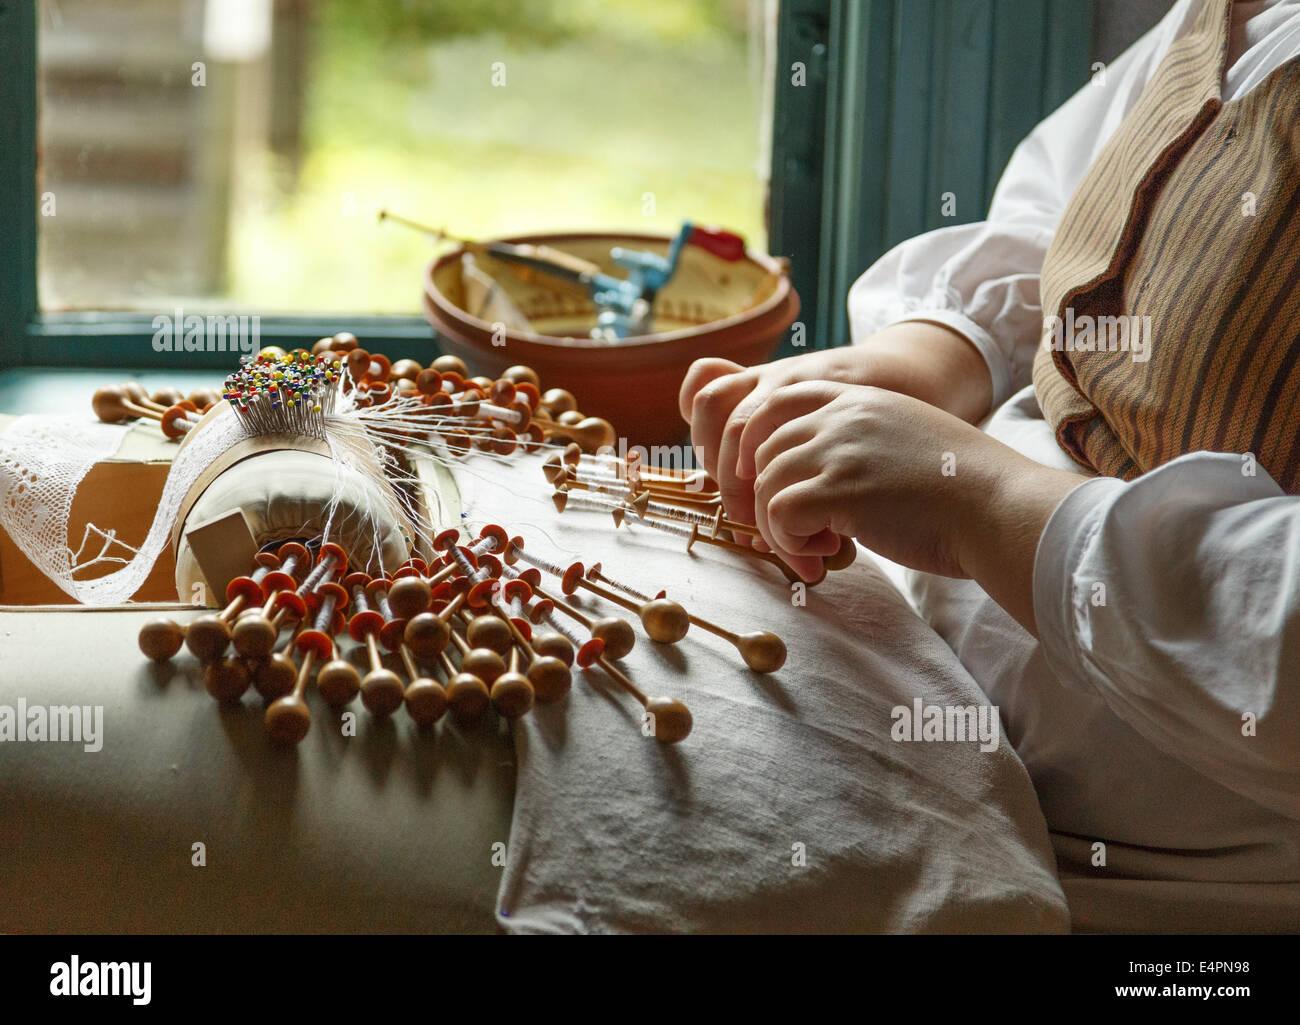 La dentelle produite avec la méthode traditionnelle à la main avec des canettes et un oreiller avec les Photo Stock